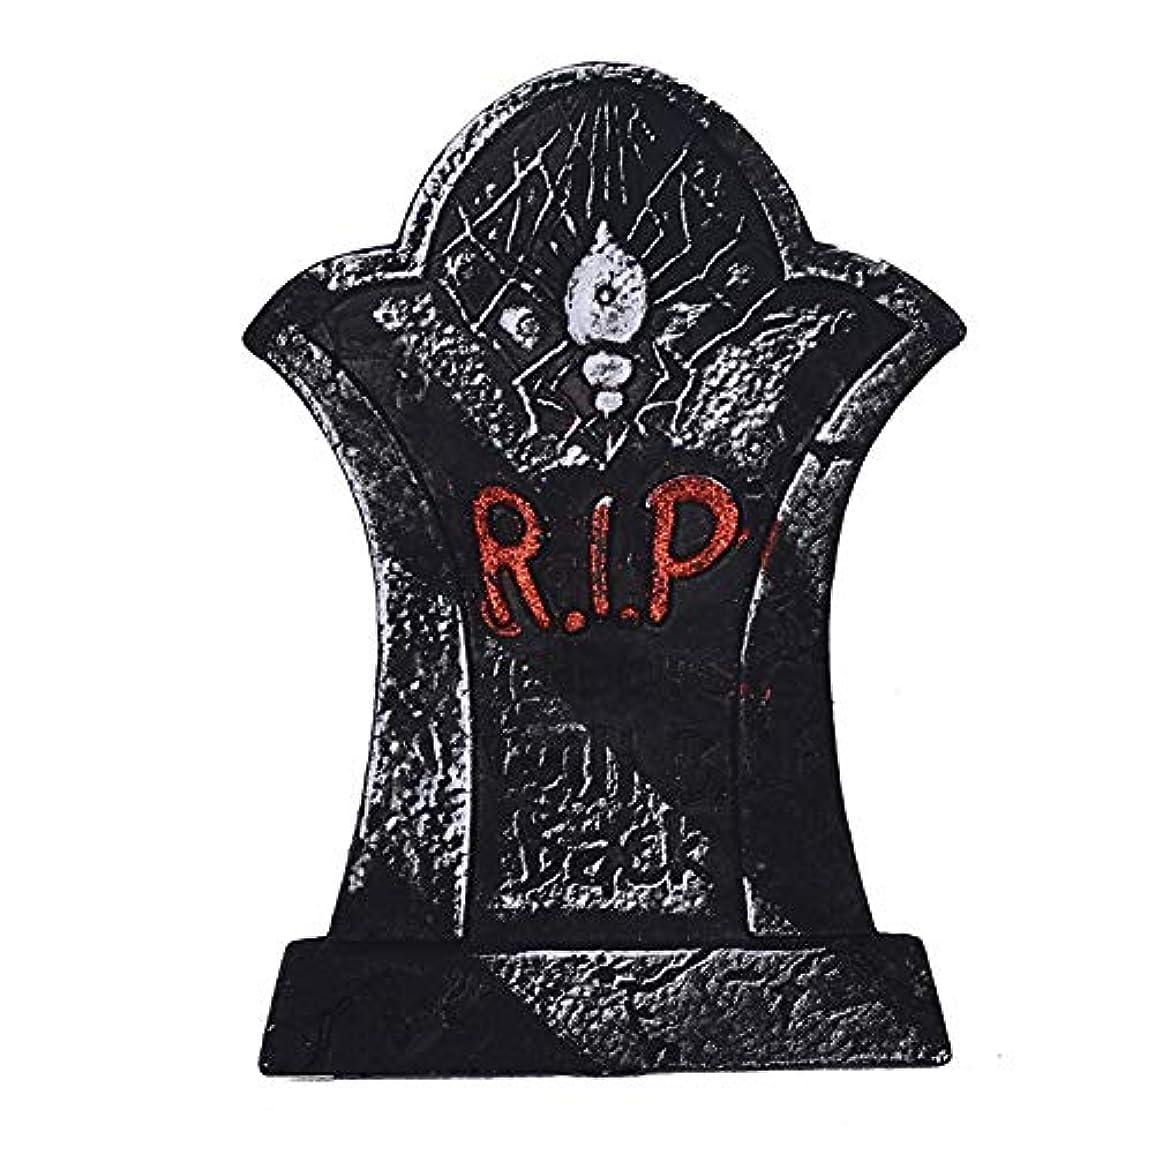 仲良しスペイン語ディスカウントETRRUU HOME ハロウィーンの三次元墓石タトゥーショップ装飾バーお化け屋敷の秘密の部屋怖い怖い装飾小道具